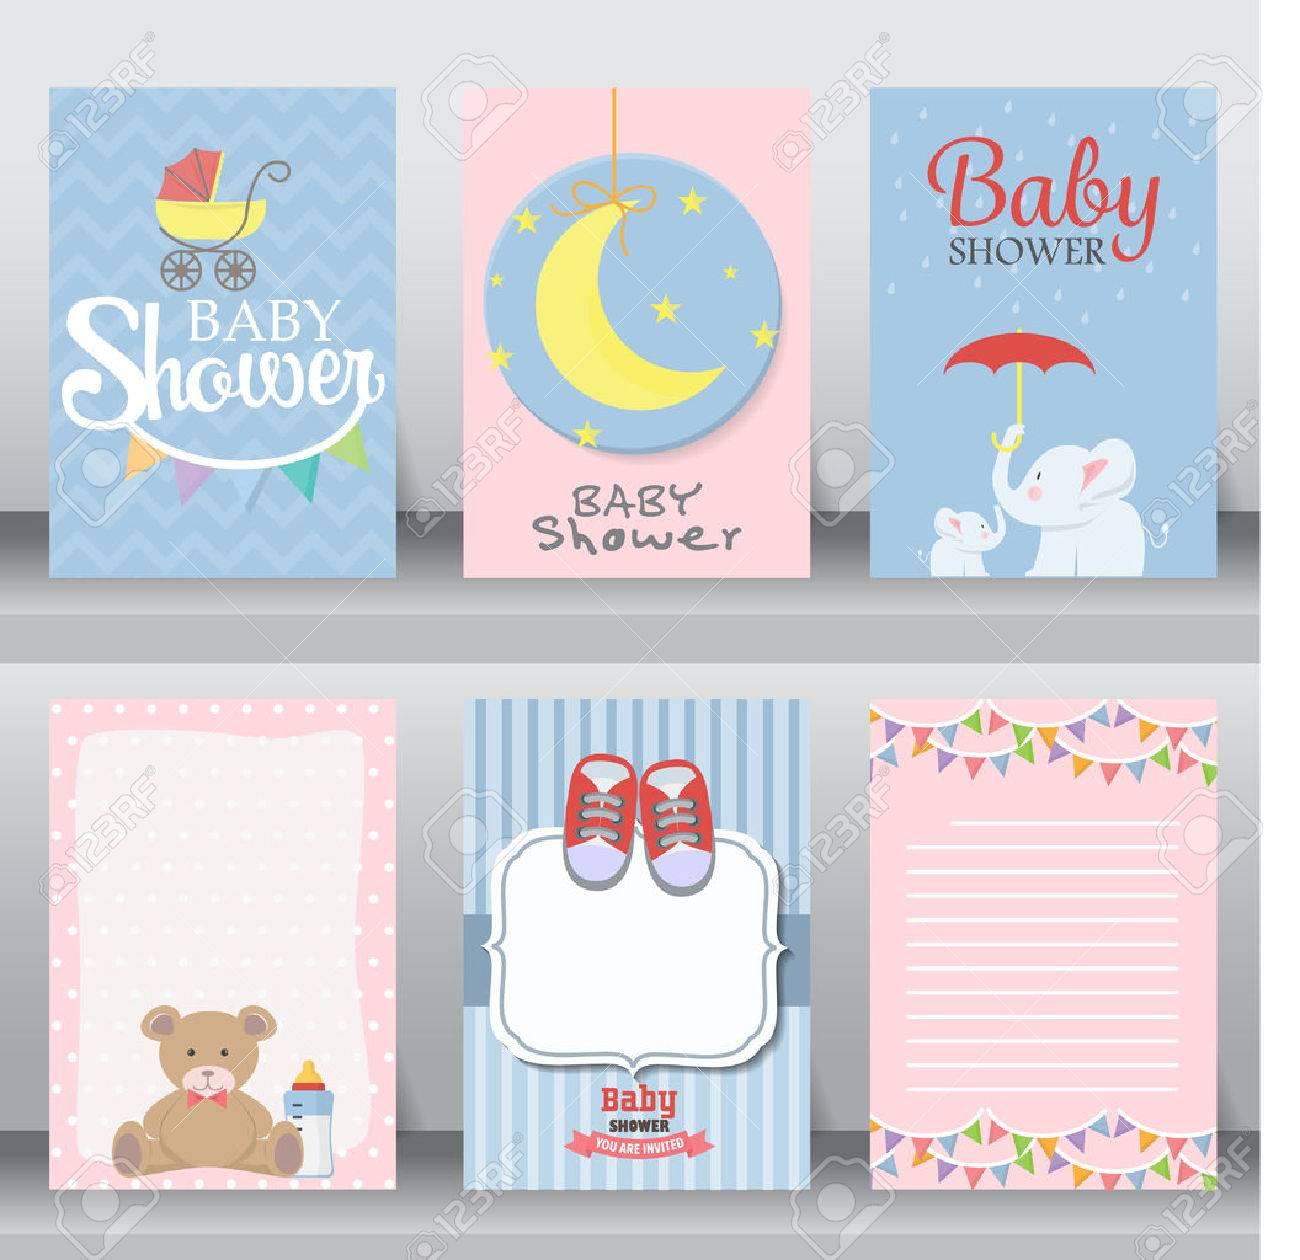 Feliz Cumpleaños Baby Shower Para Felicitación De La Celebración Del Recién Nacido Y La Tarjeta De Invitación O Una Nota Hay Zapatos Luna Vestido